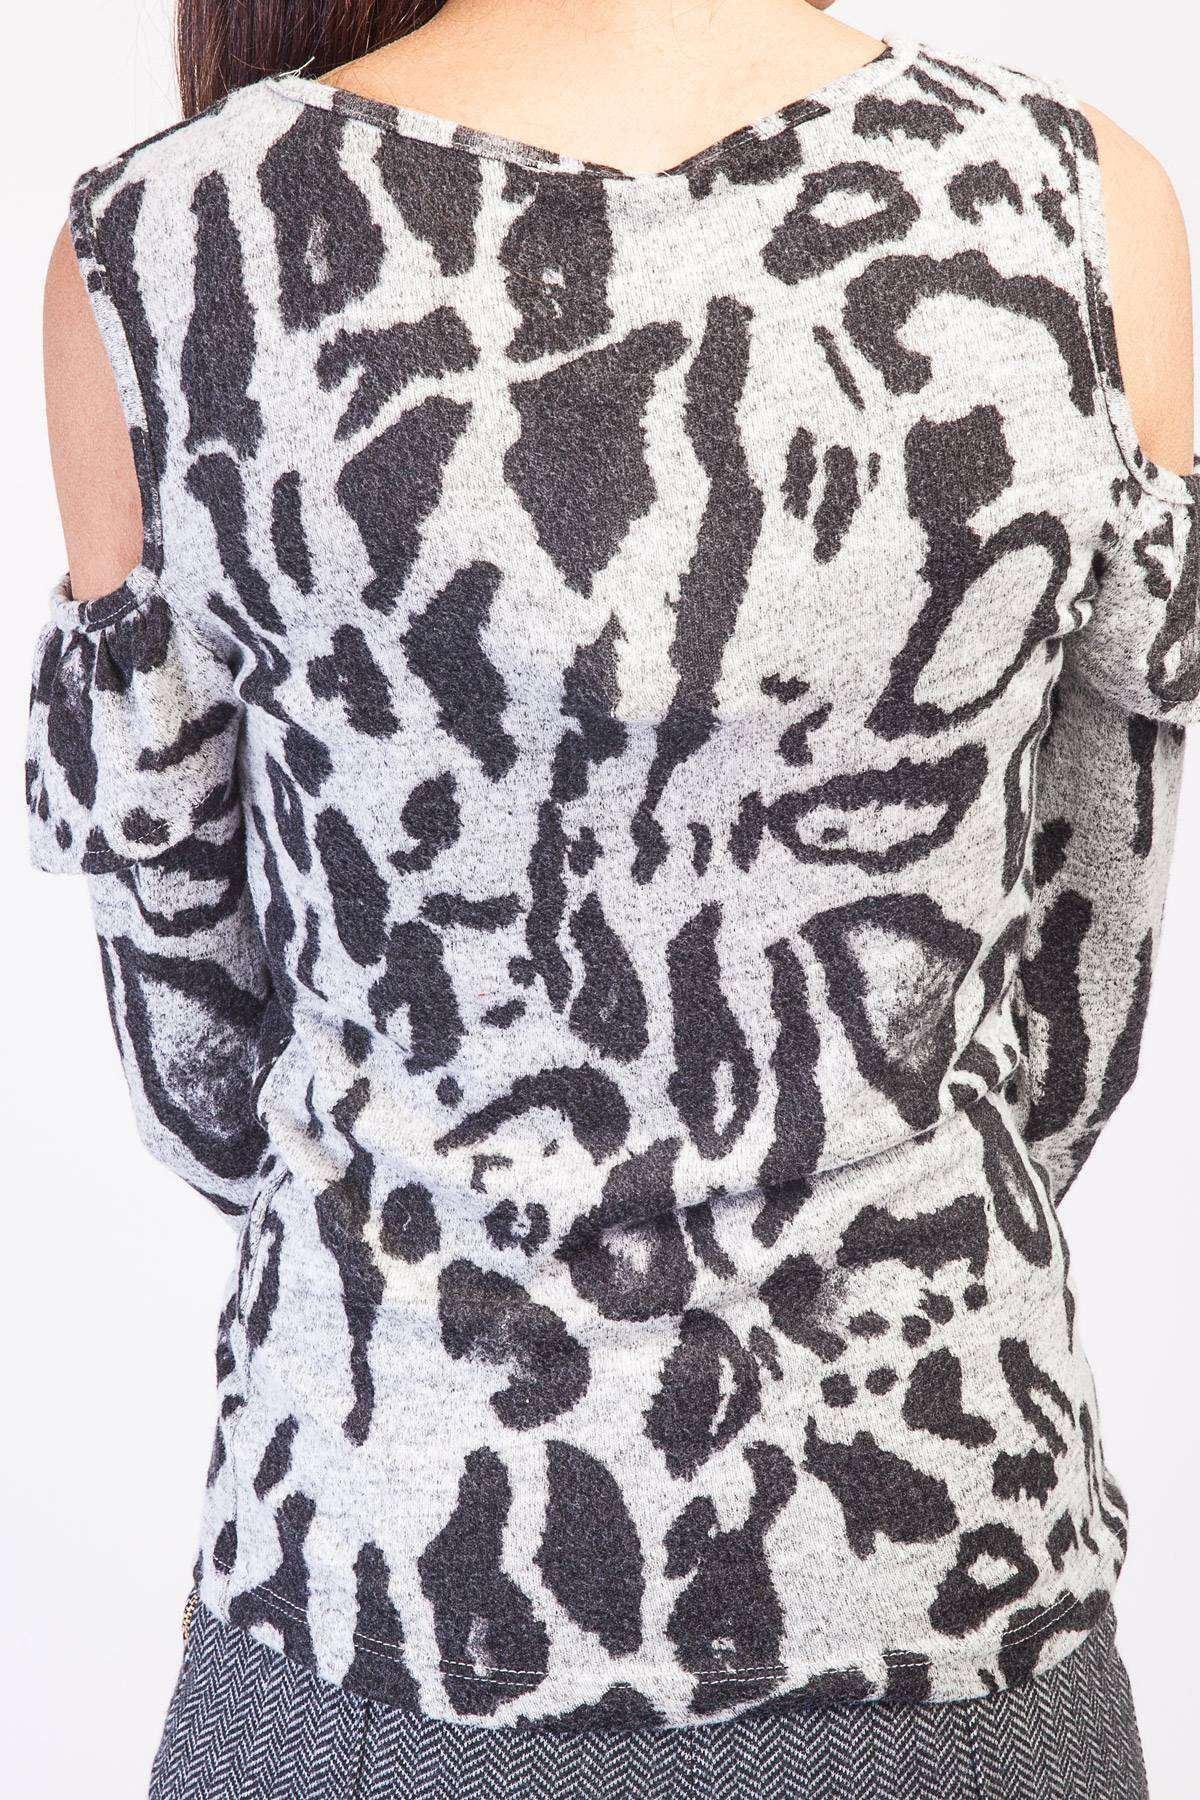 Üst Fırfırlı Omuz Dekolte Detaylı Leopar Desen Bluz Gri-Siyah